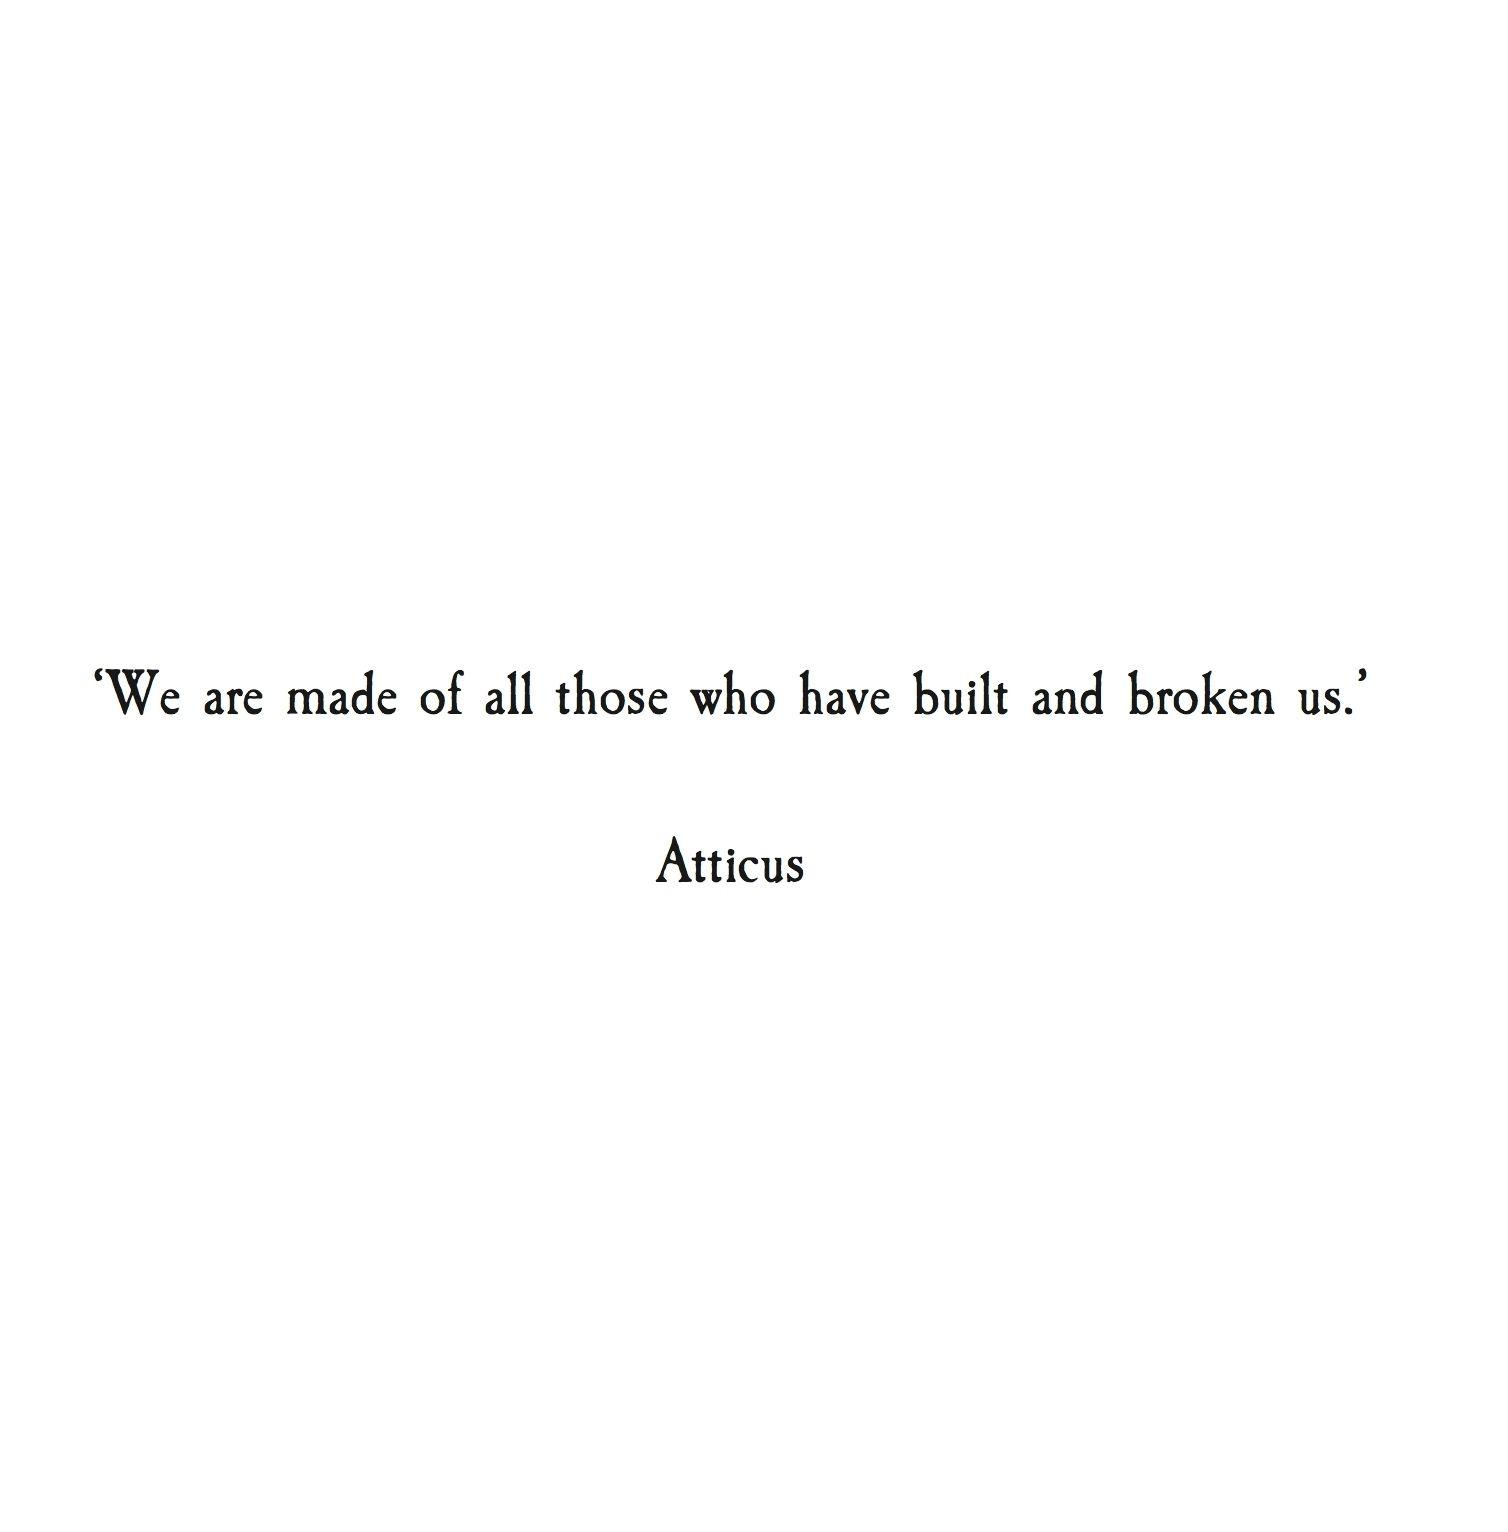 Sad Quotes About Depression: 'Build & Break' #atticuspoetry #atticus #poetry #poem